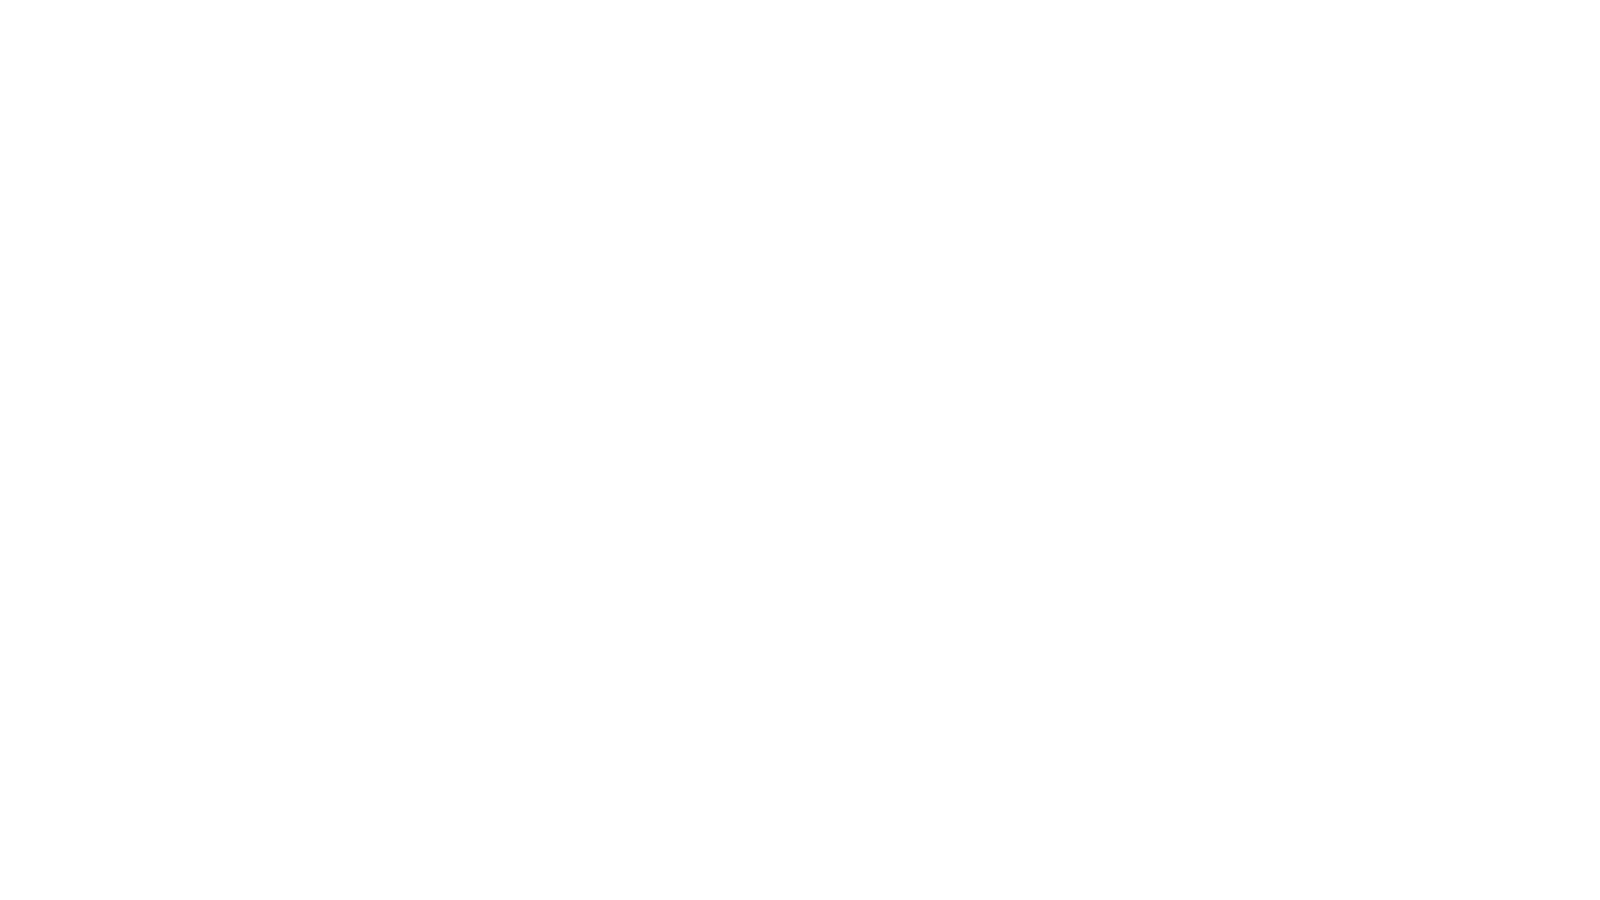 Fabrication de meringue végétale avec le PAI à base de féveroles de Graine de choc